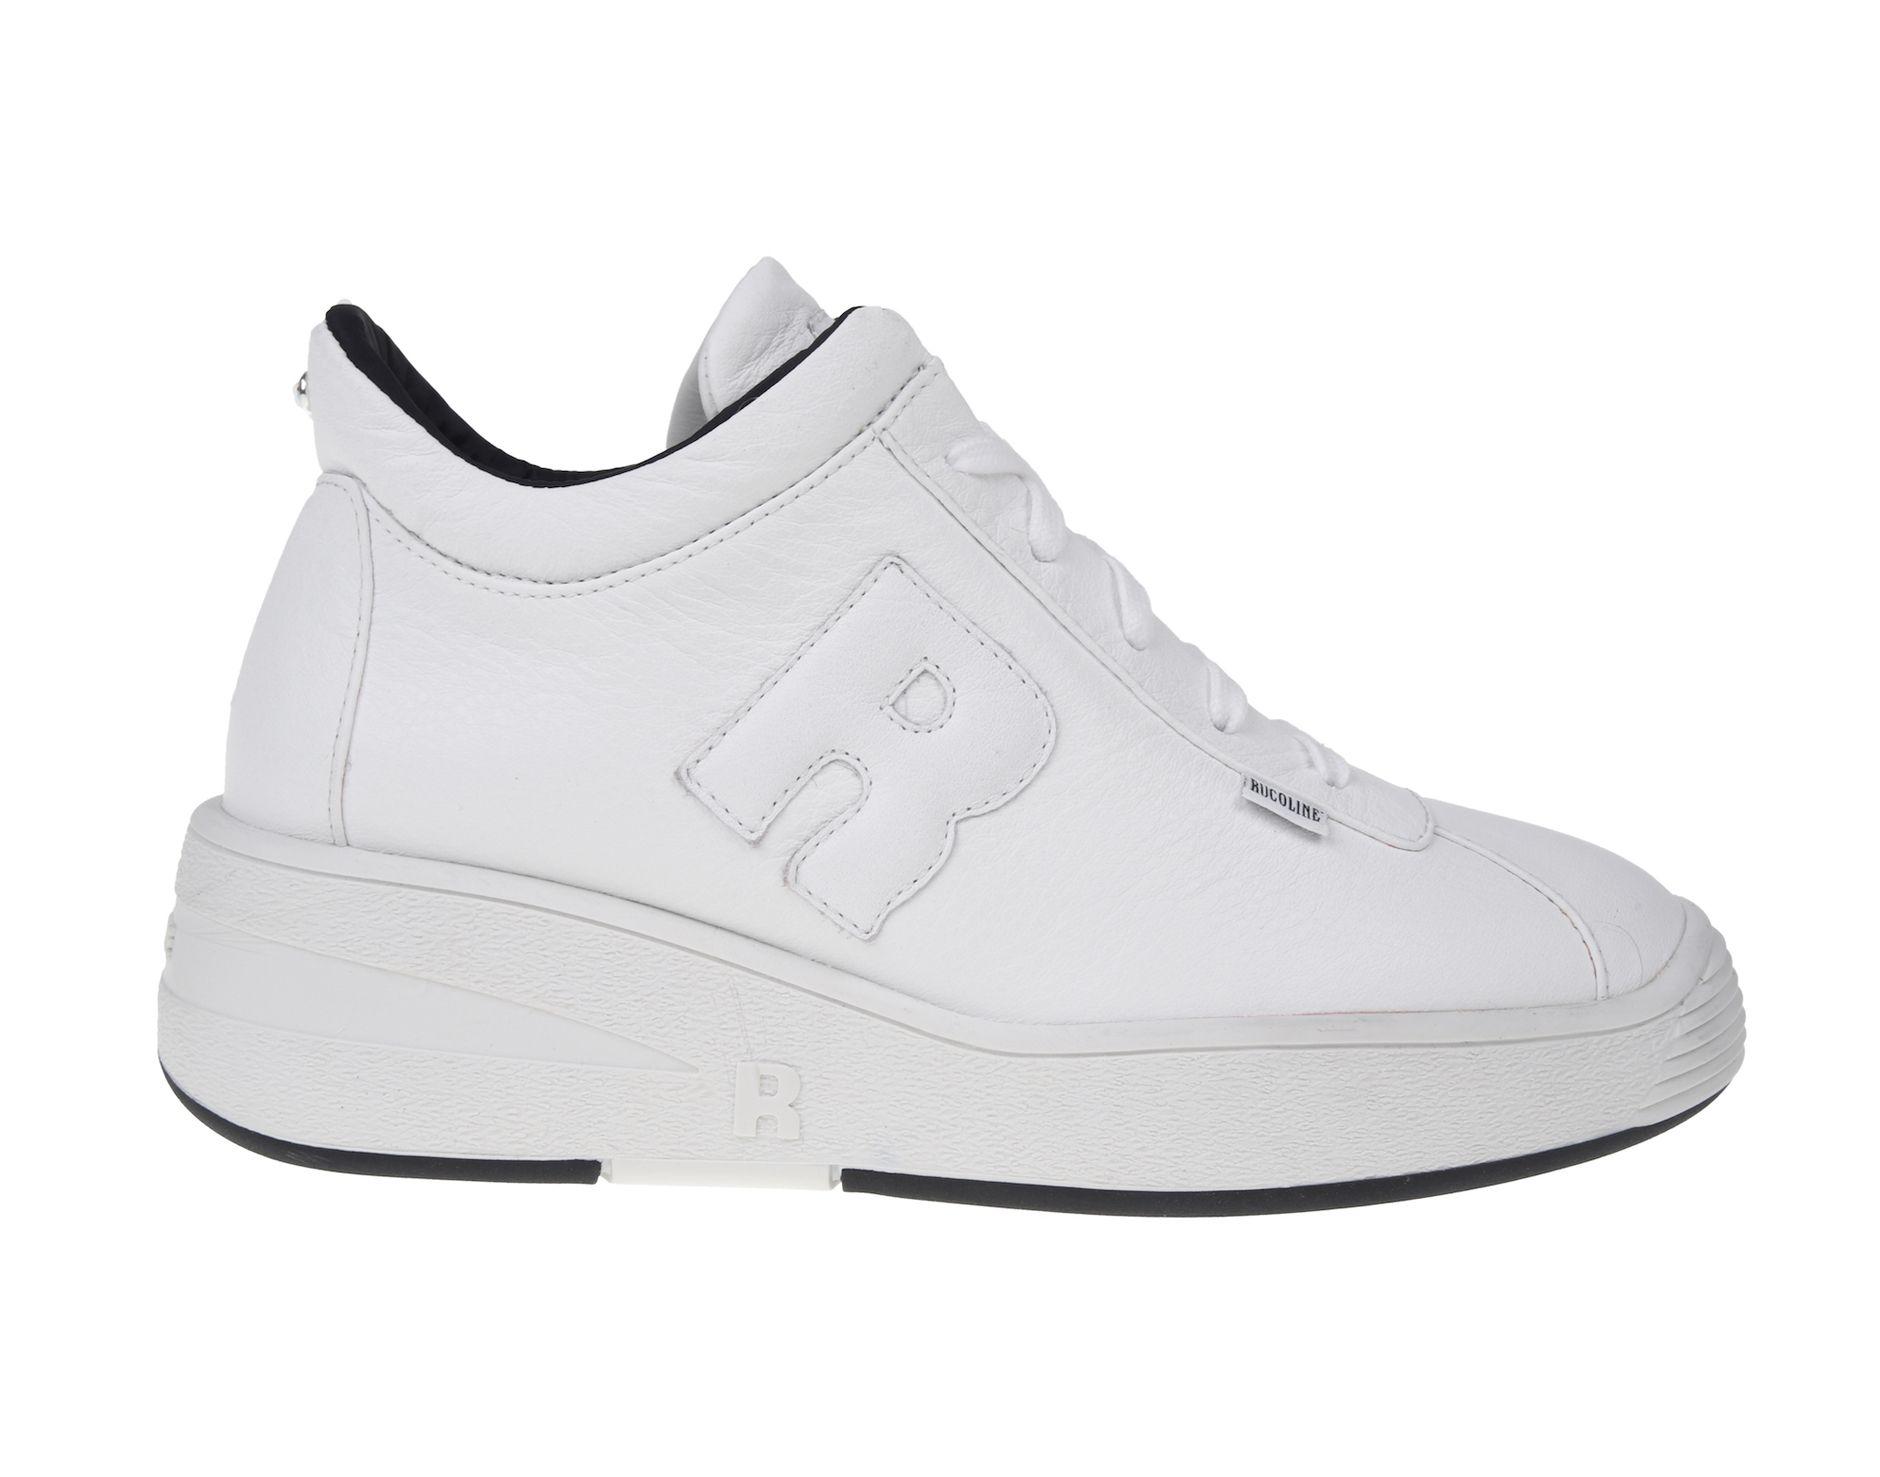 Al Invernali Le Saldi Sono Ai Da Sneakers Prendere Volo Donna Chunky Rw1TYqvxrw